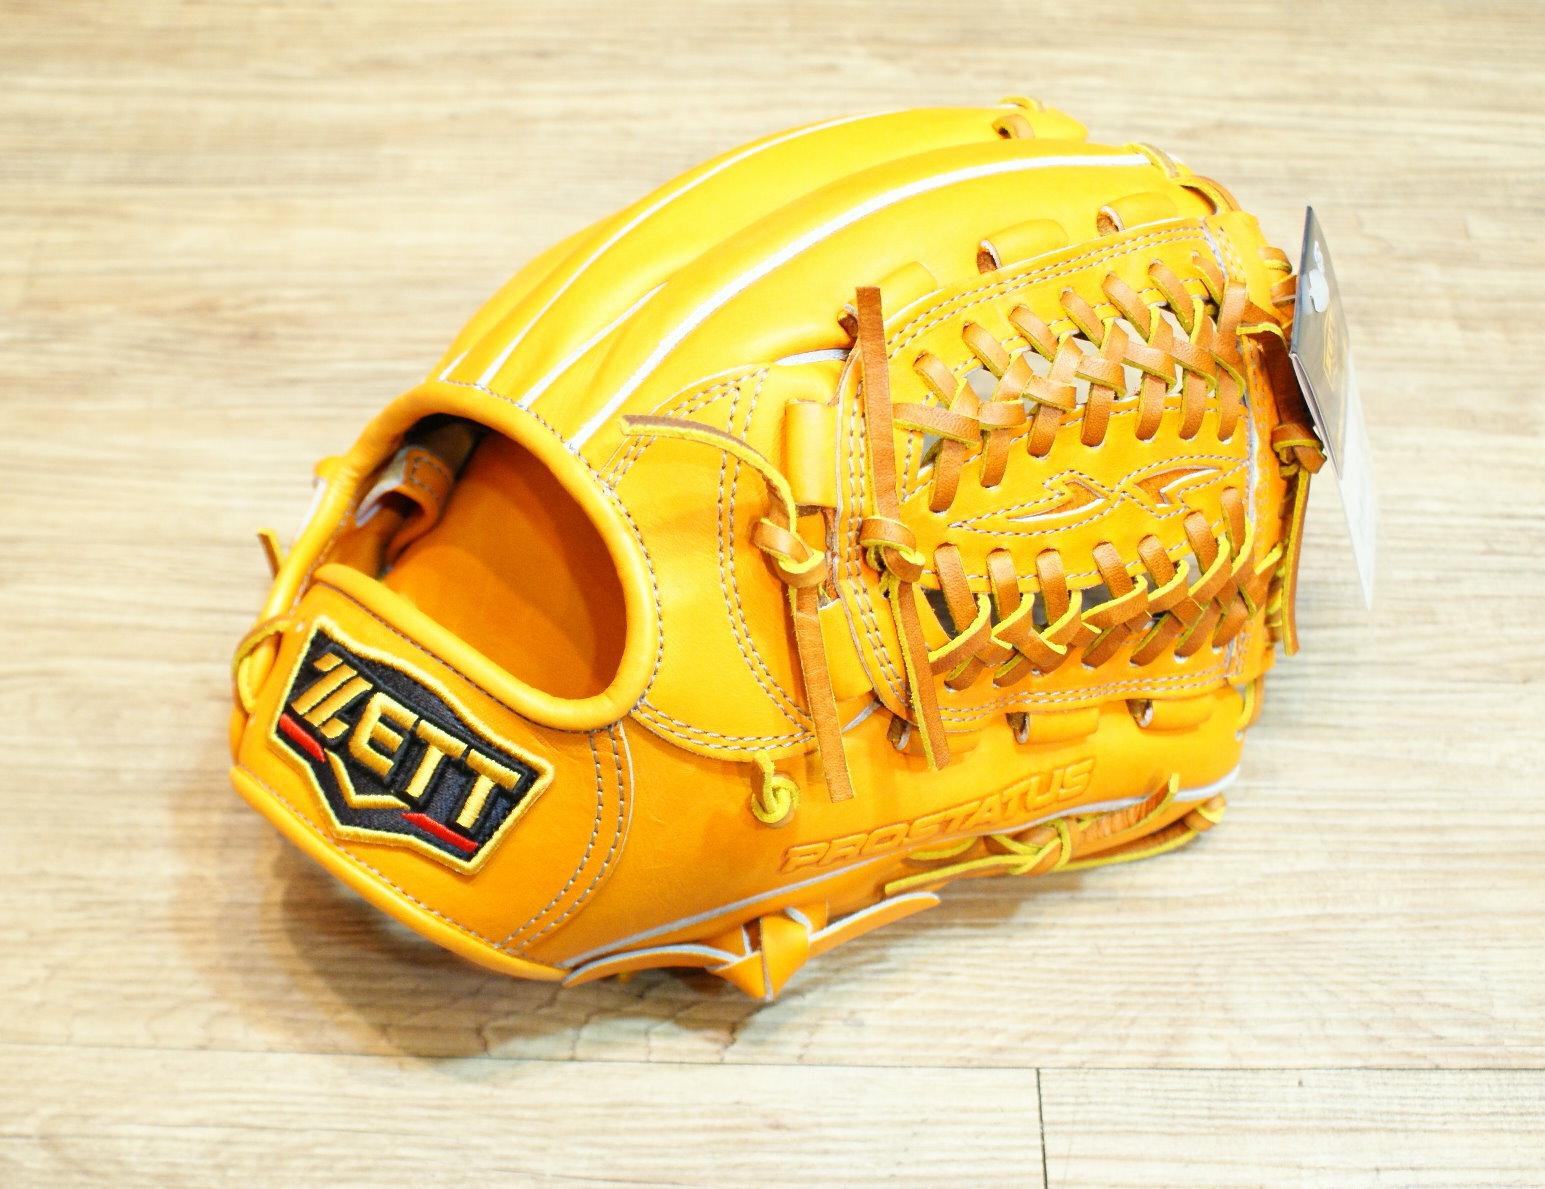 棒球世界 ZETT プロステイタス 硬式 野球用 グラブ 二塁手・遊撃手用 最上級 特價